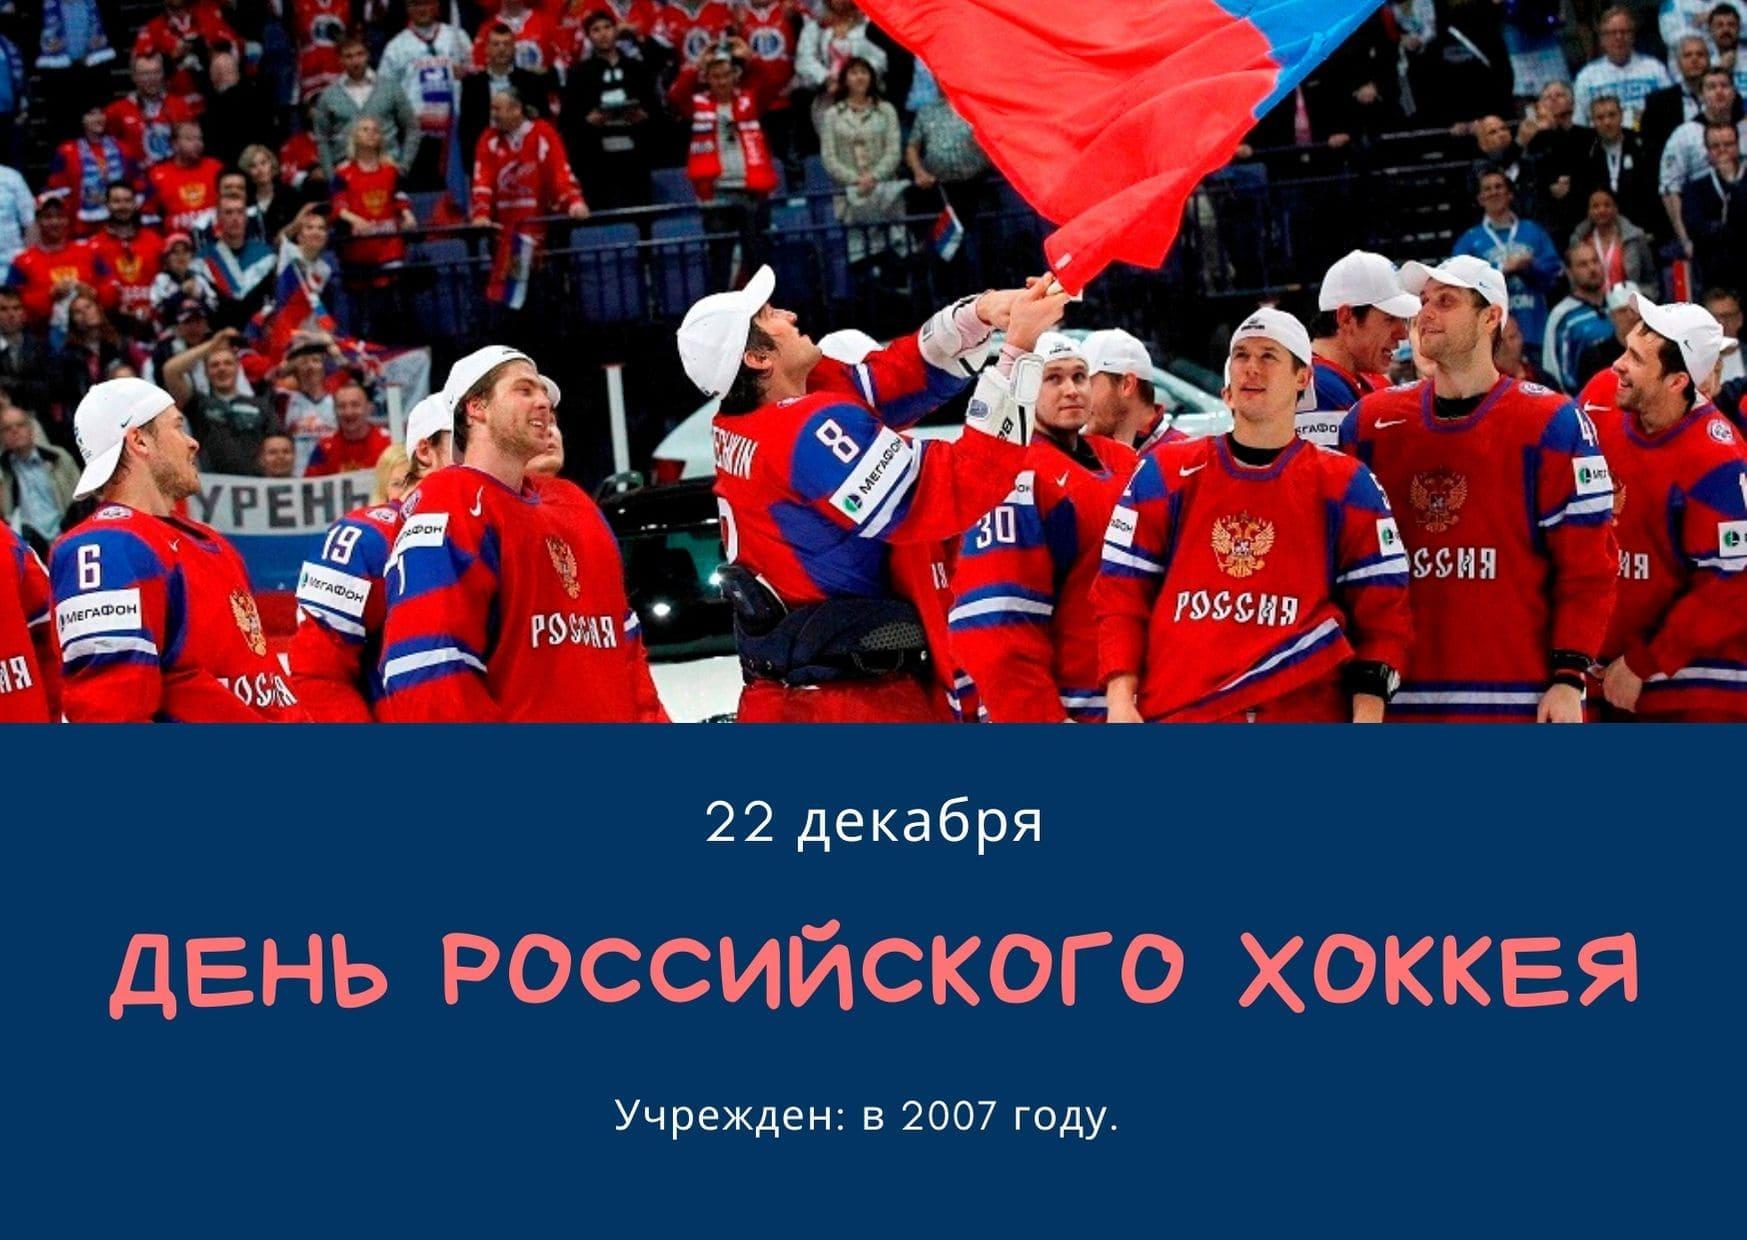 День российского хоккея. 22 декабря